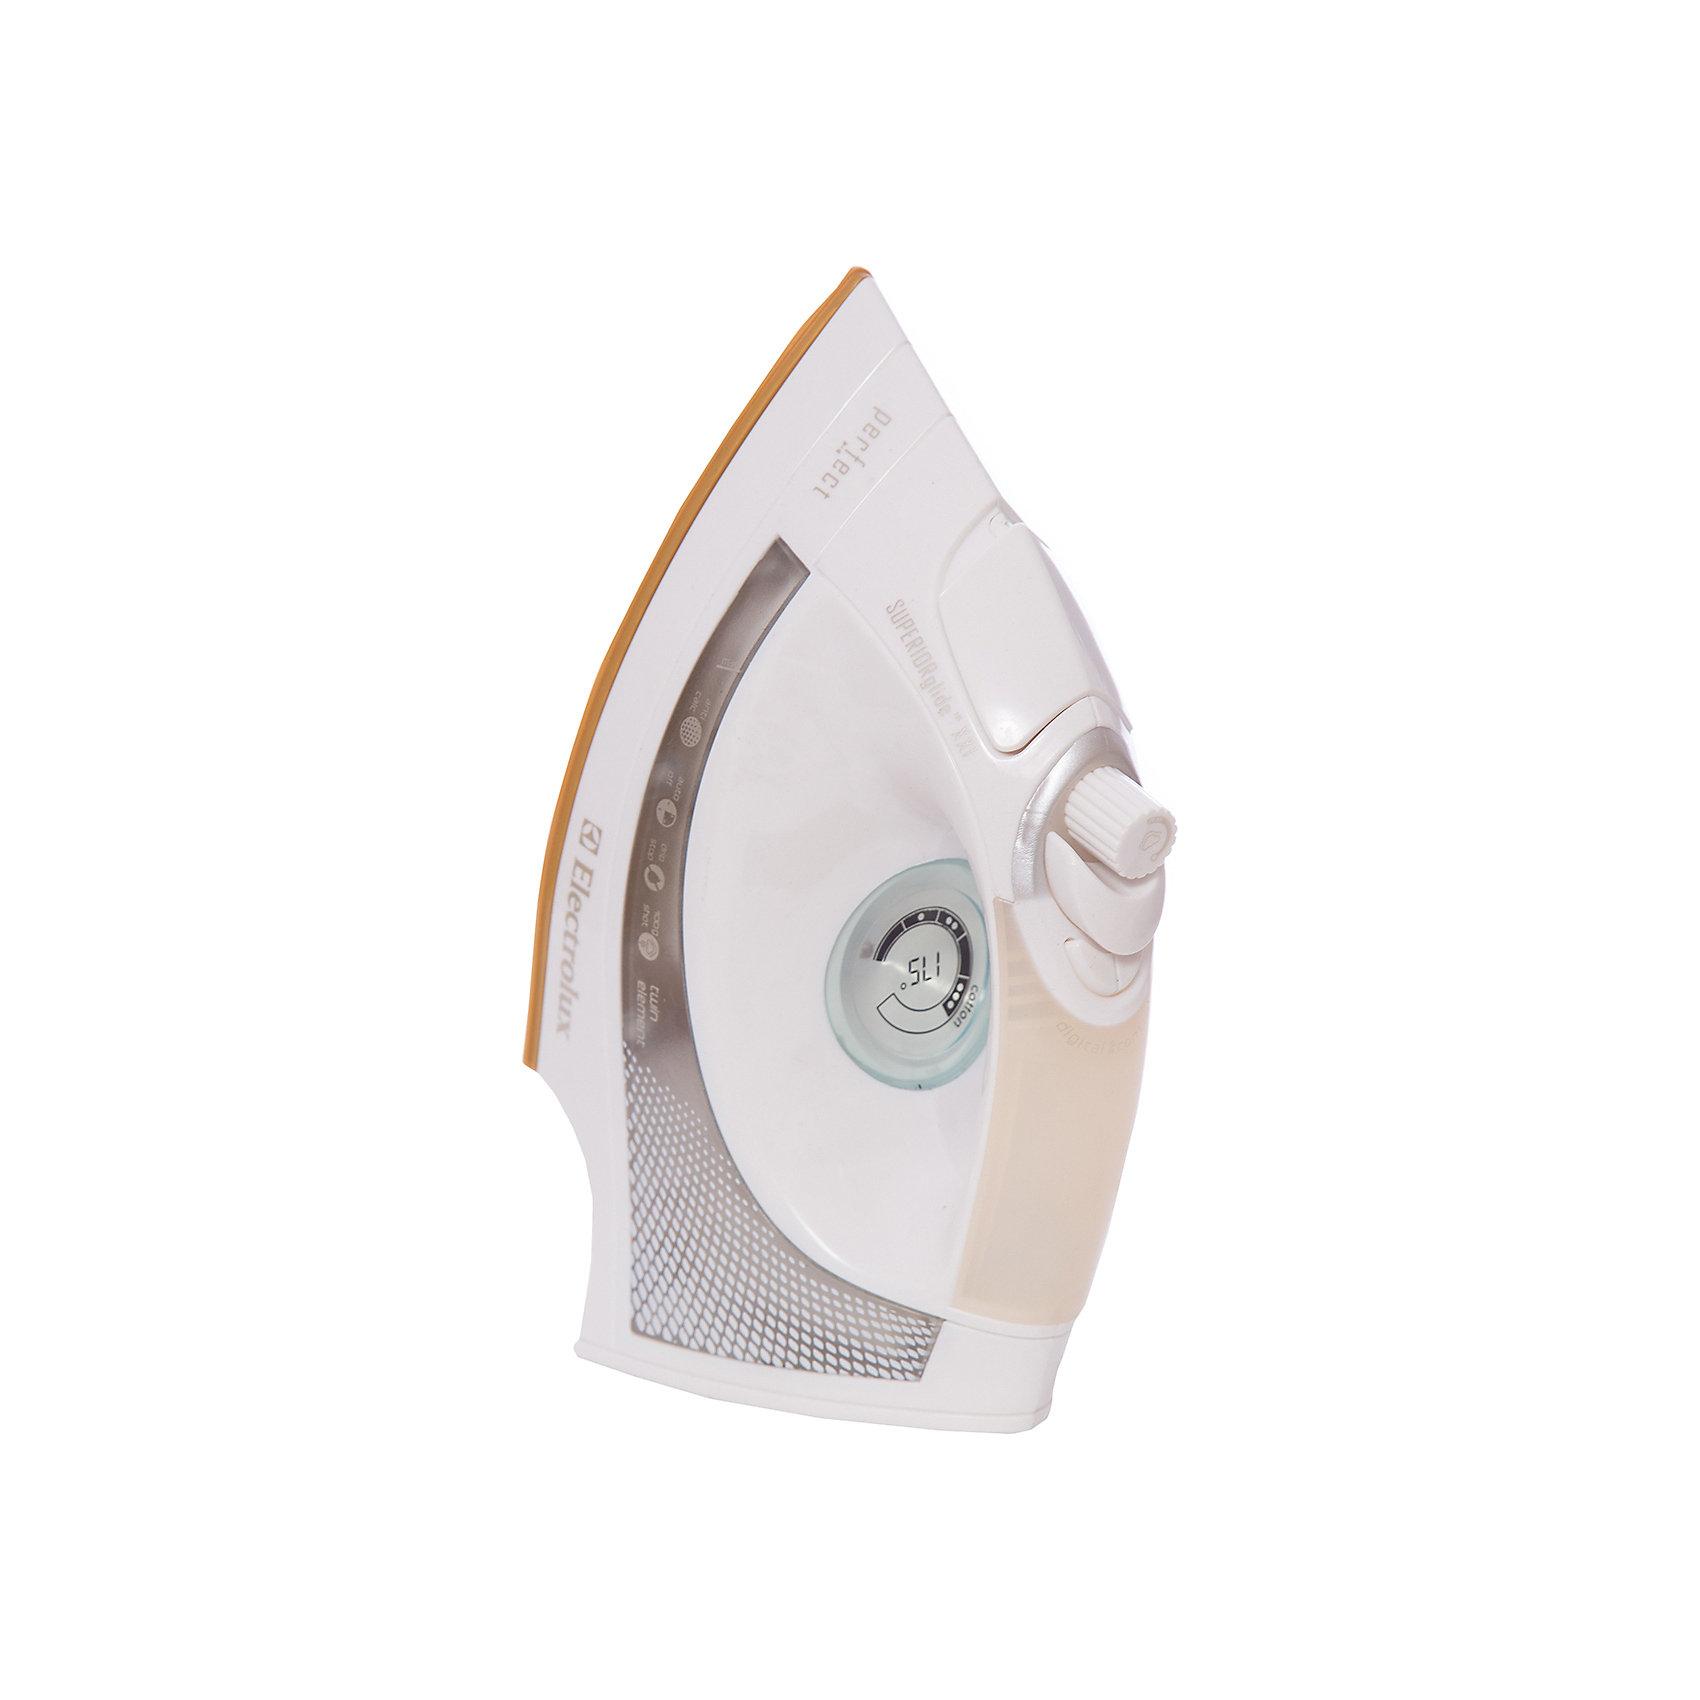 klein klein Утюг Electrolux klein игрушка тостер electrolux klein